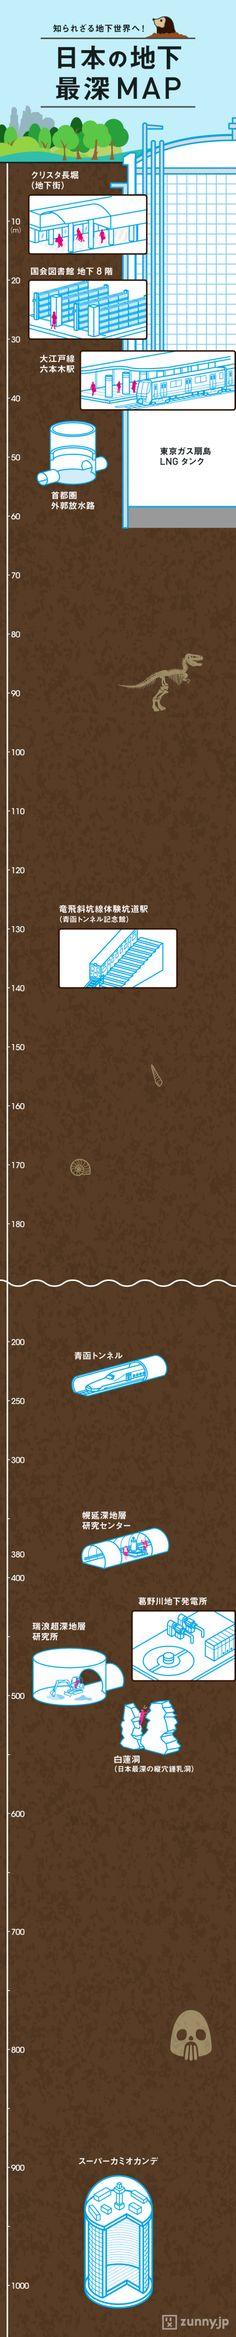 地下1000mに何が!? 日本最深地下マップ | ZUNNY